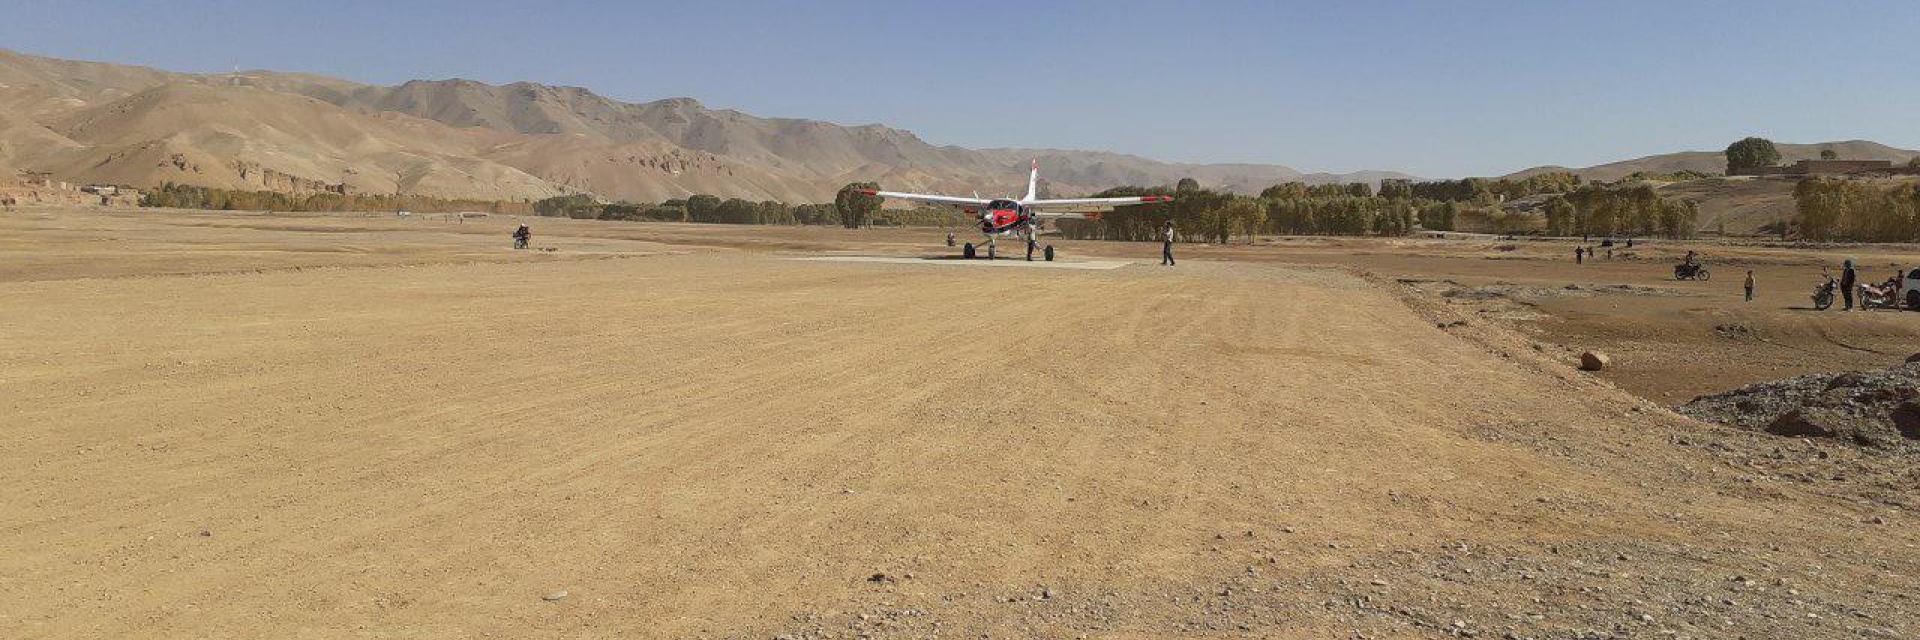 Landung erster Testflug auf neuer Landebahn